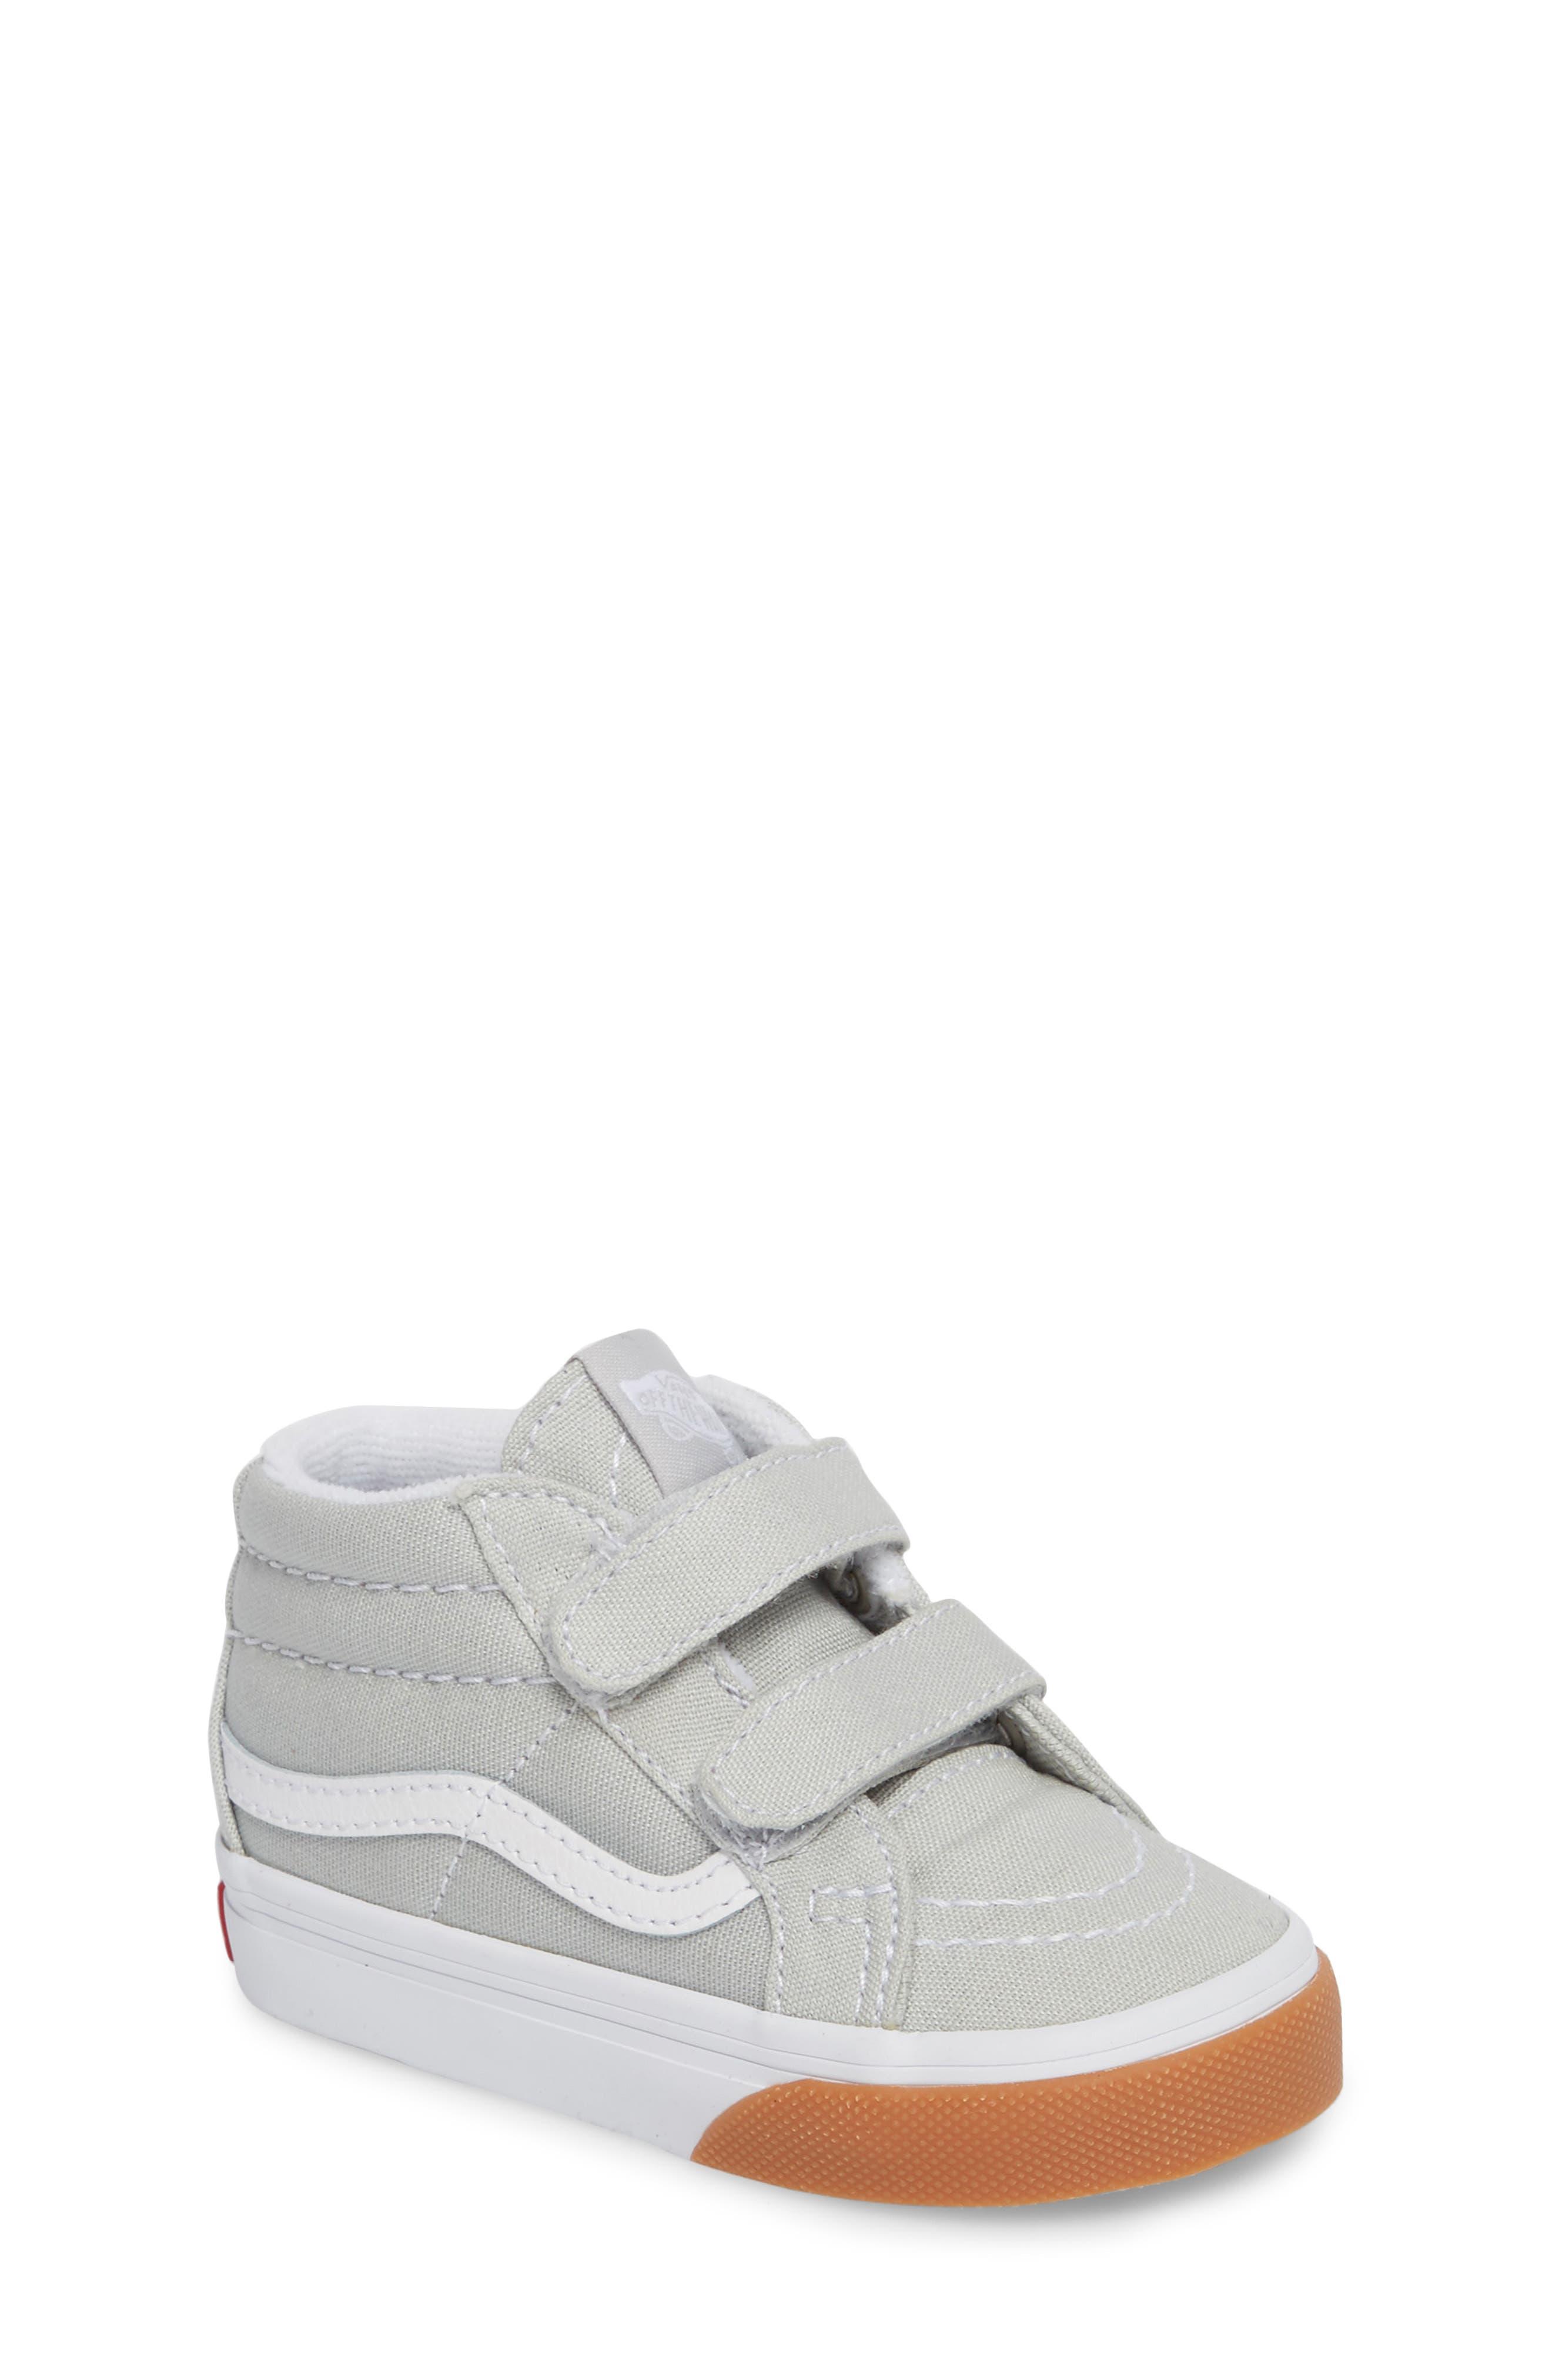 Alternate Image 1 Selected - Vans SK8-Mid Reissue V Sneaker (Baby, Walker & Toddler)